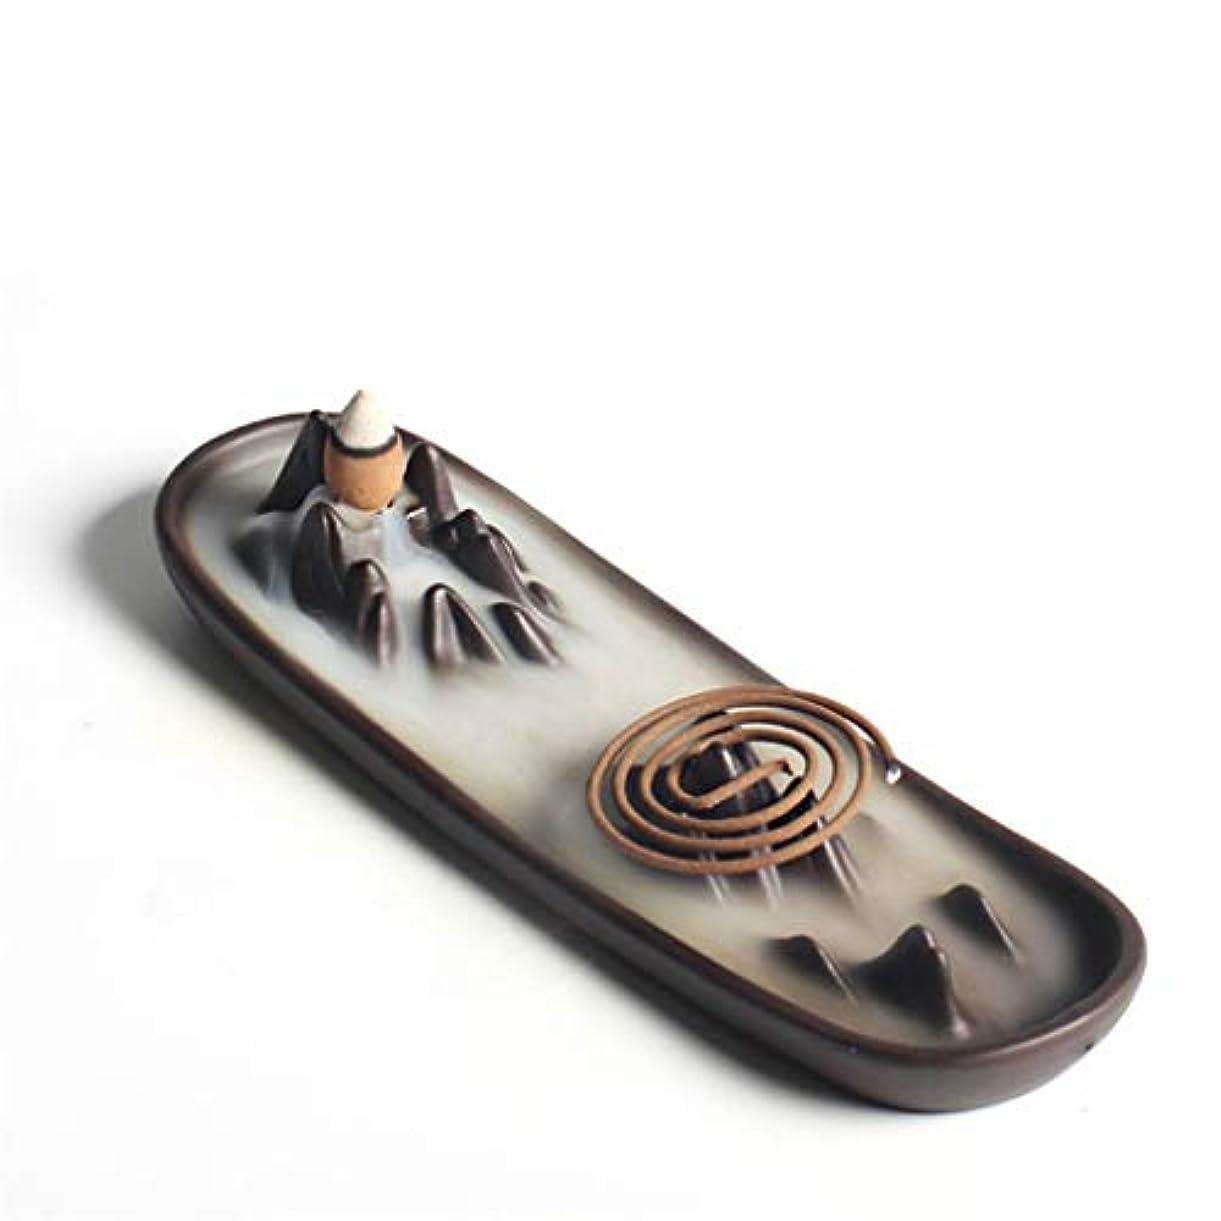 代替案野菜惨めな芳香器?アロマバーナー 逆流香バーナー家の装飾セラミックアロマセラピー仏教の滝香炉香コイルスティックホルダー アロマバーナー芳香器 (Color : A)